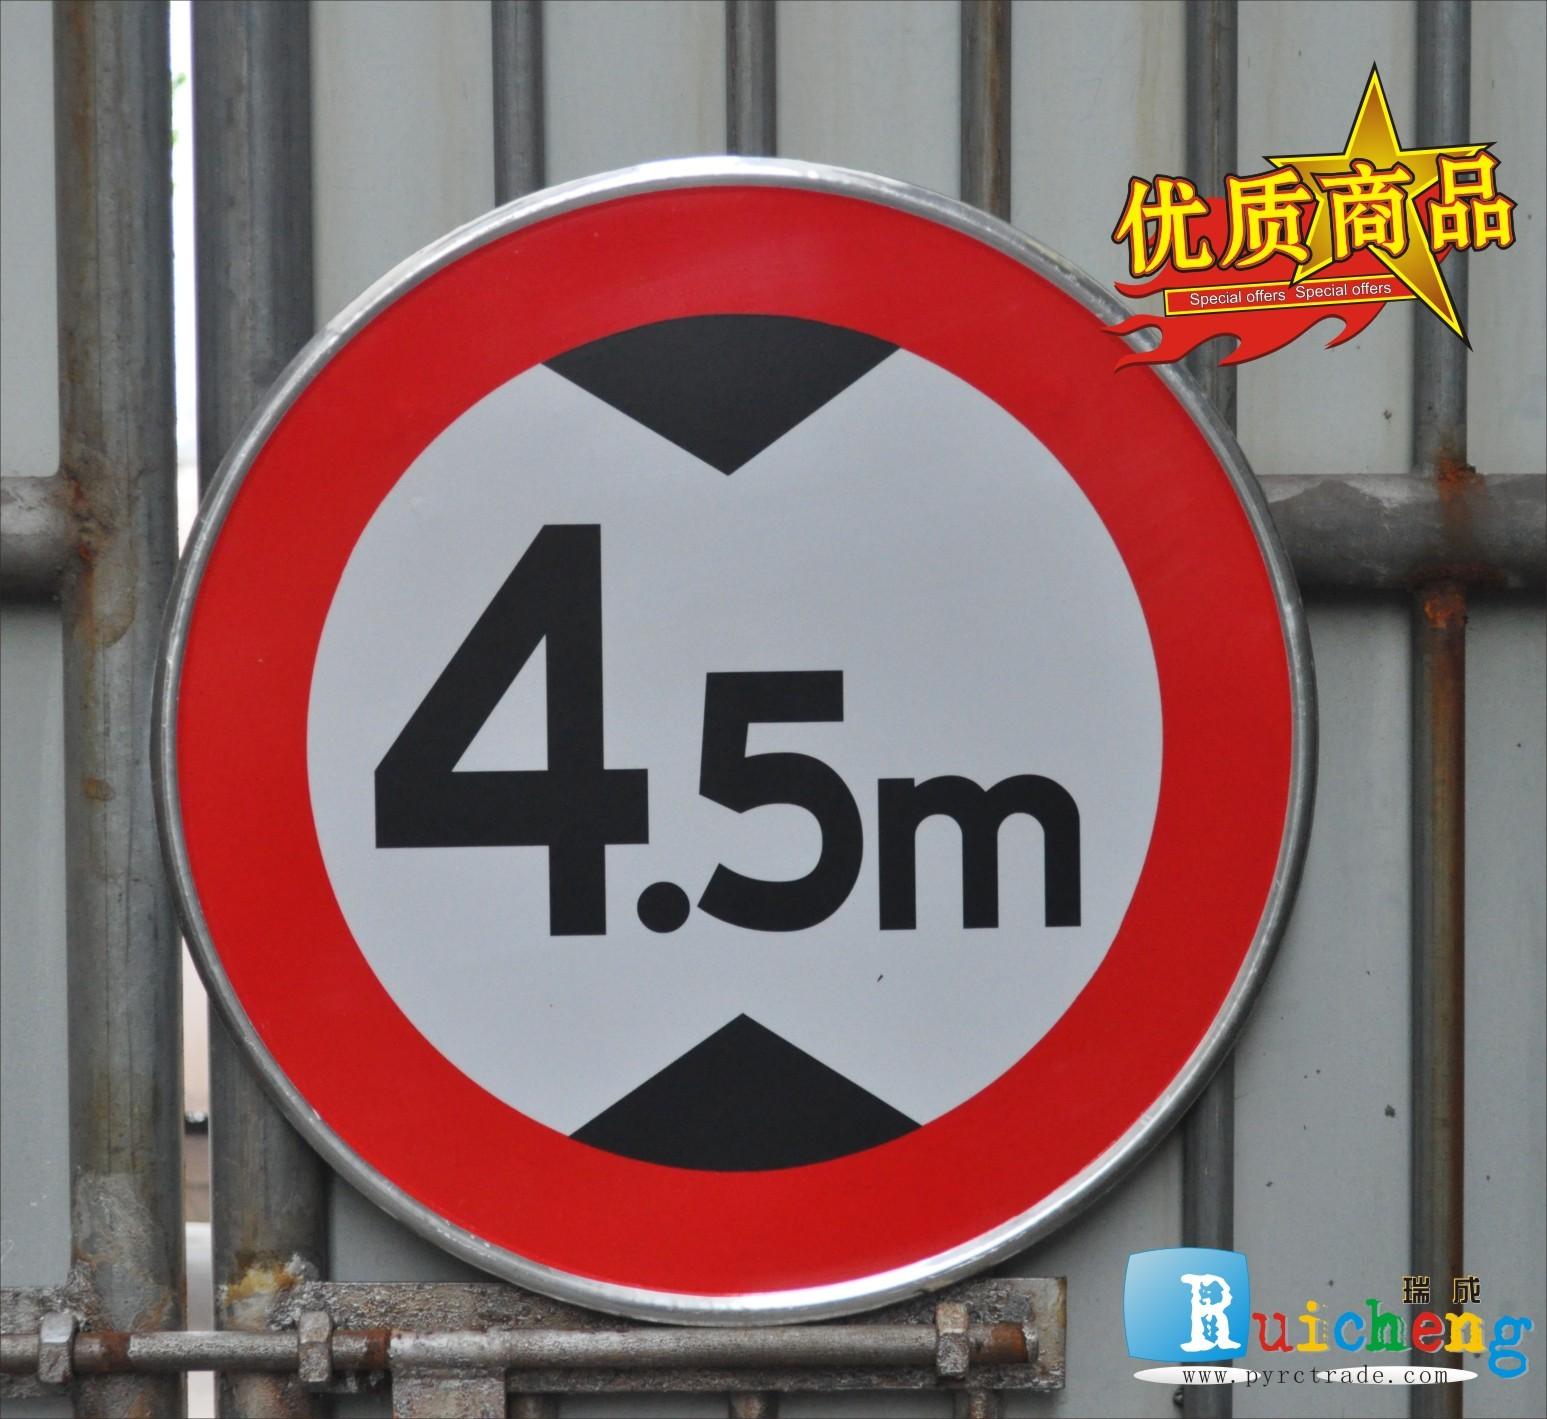 定制交通标志道路指示标识路牌限高限速三角施工警示标牌铝板反光